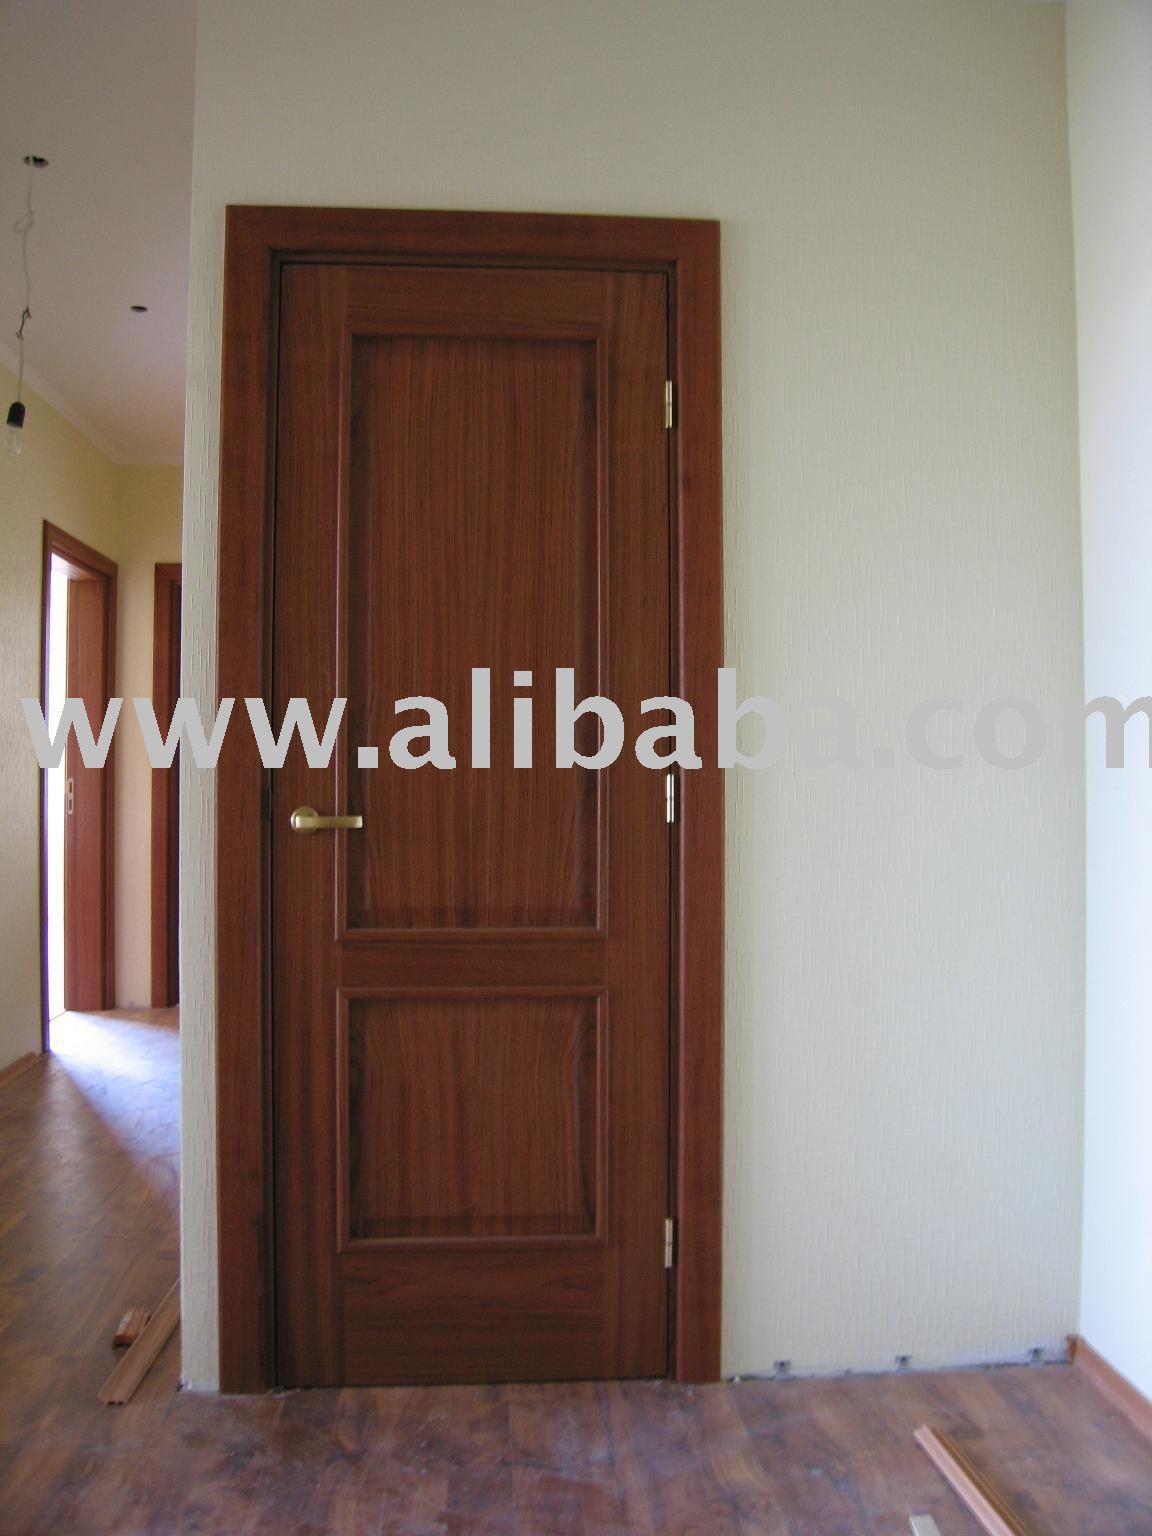 Puertas de madera interiores puerta identificaci n del - Puertas en madera para interiores ...